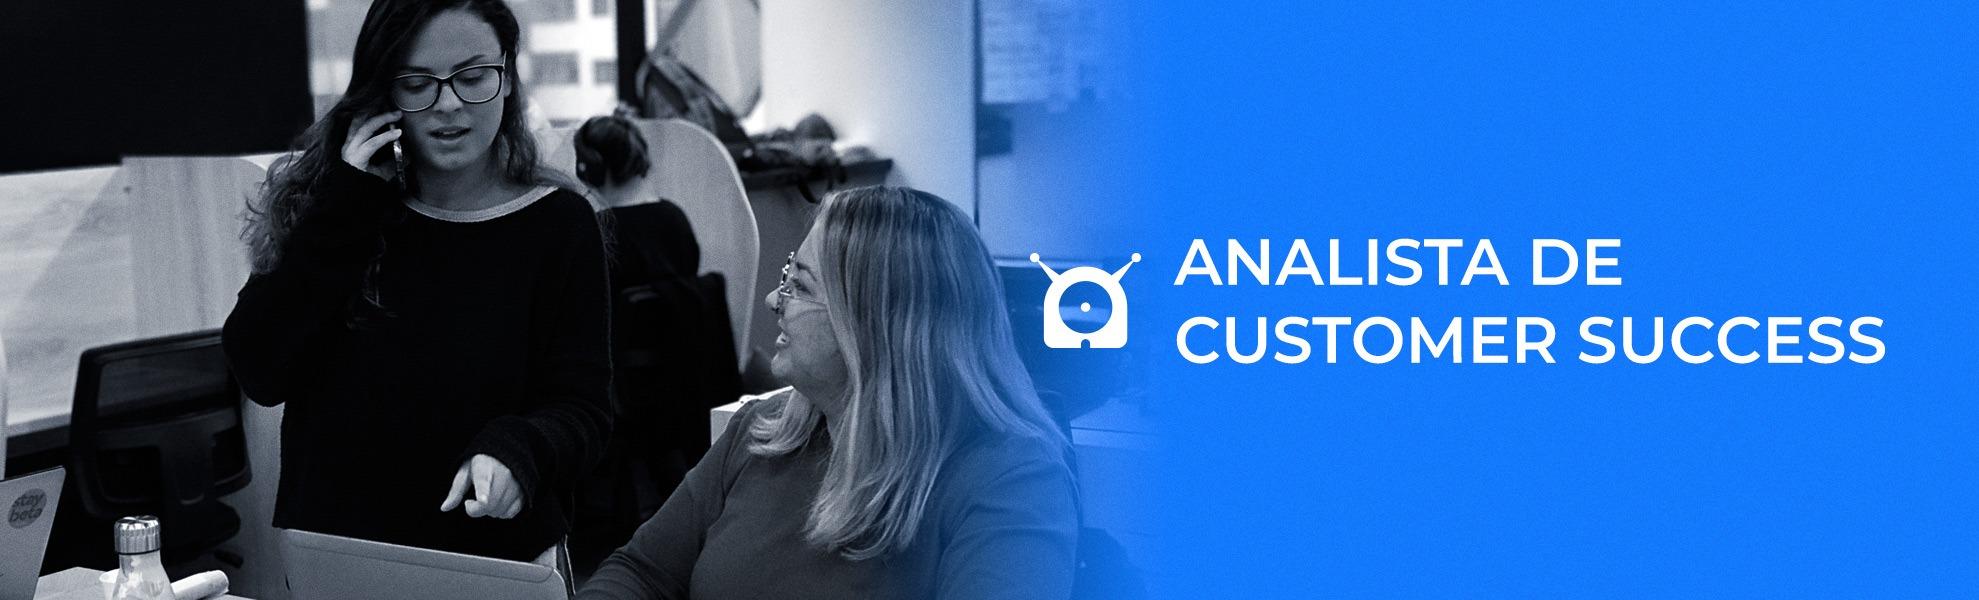 Analista de Customer Success